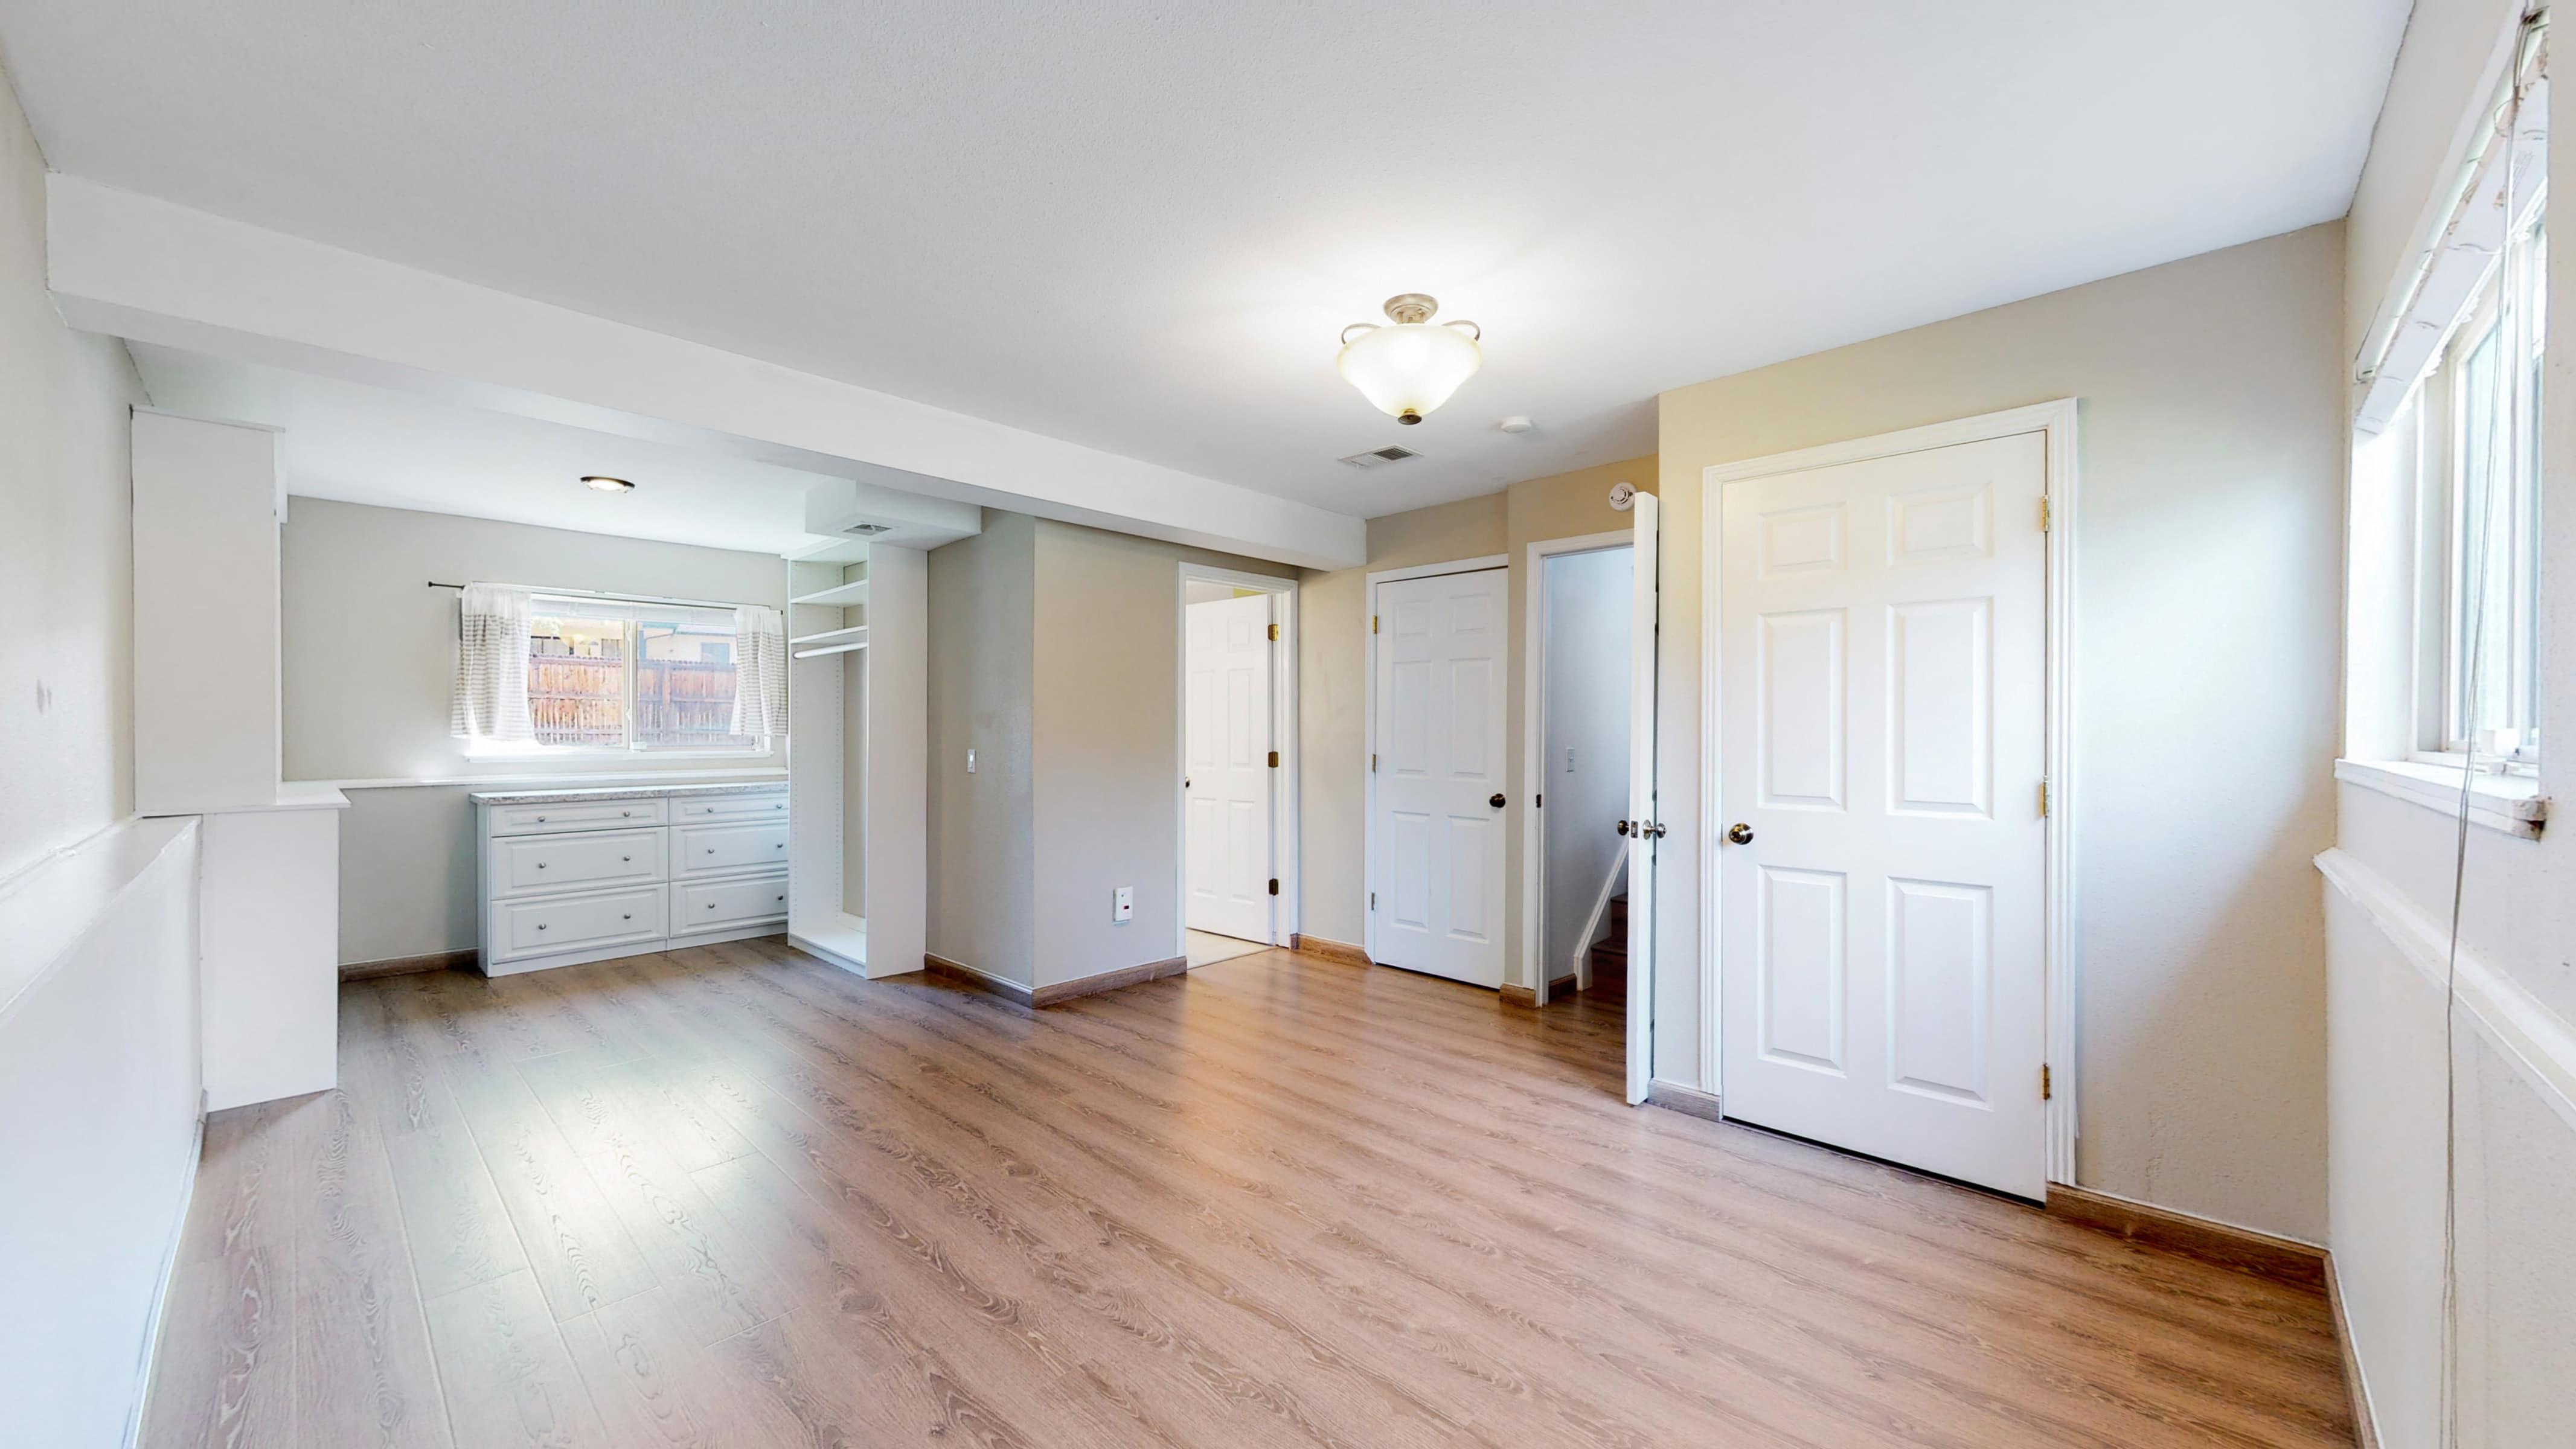 Huge Master Bedroom with Pergo Floors